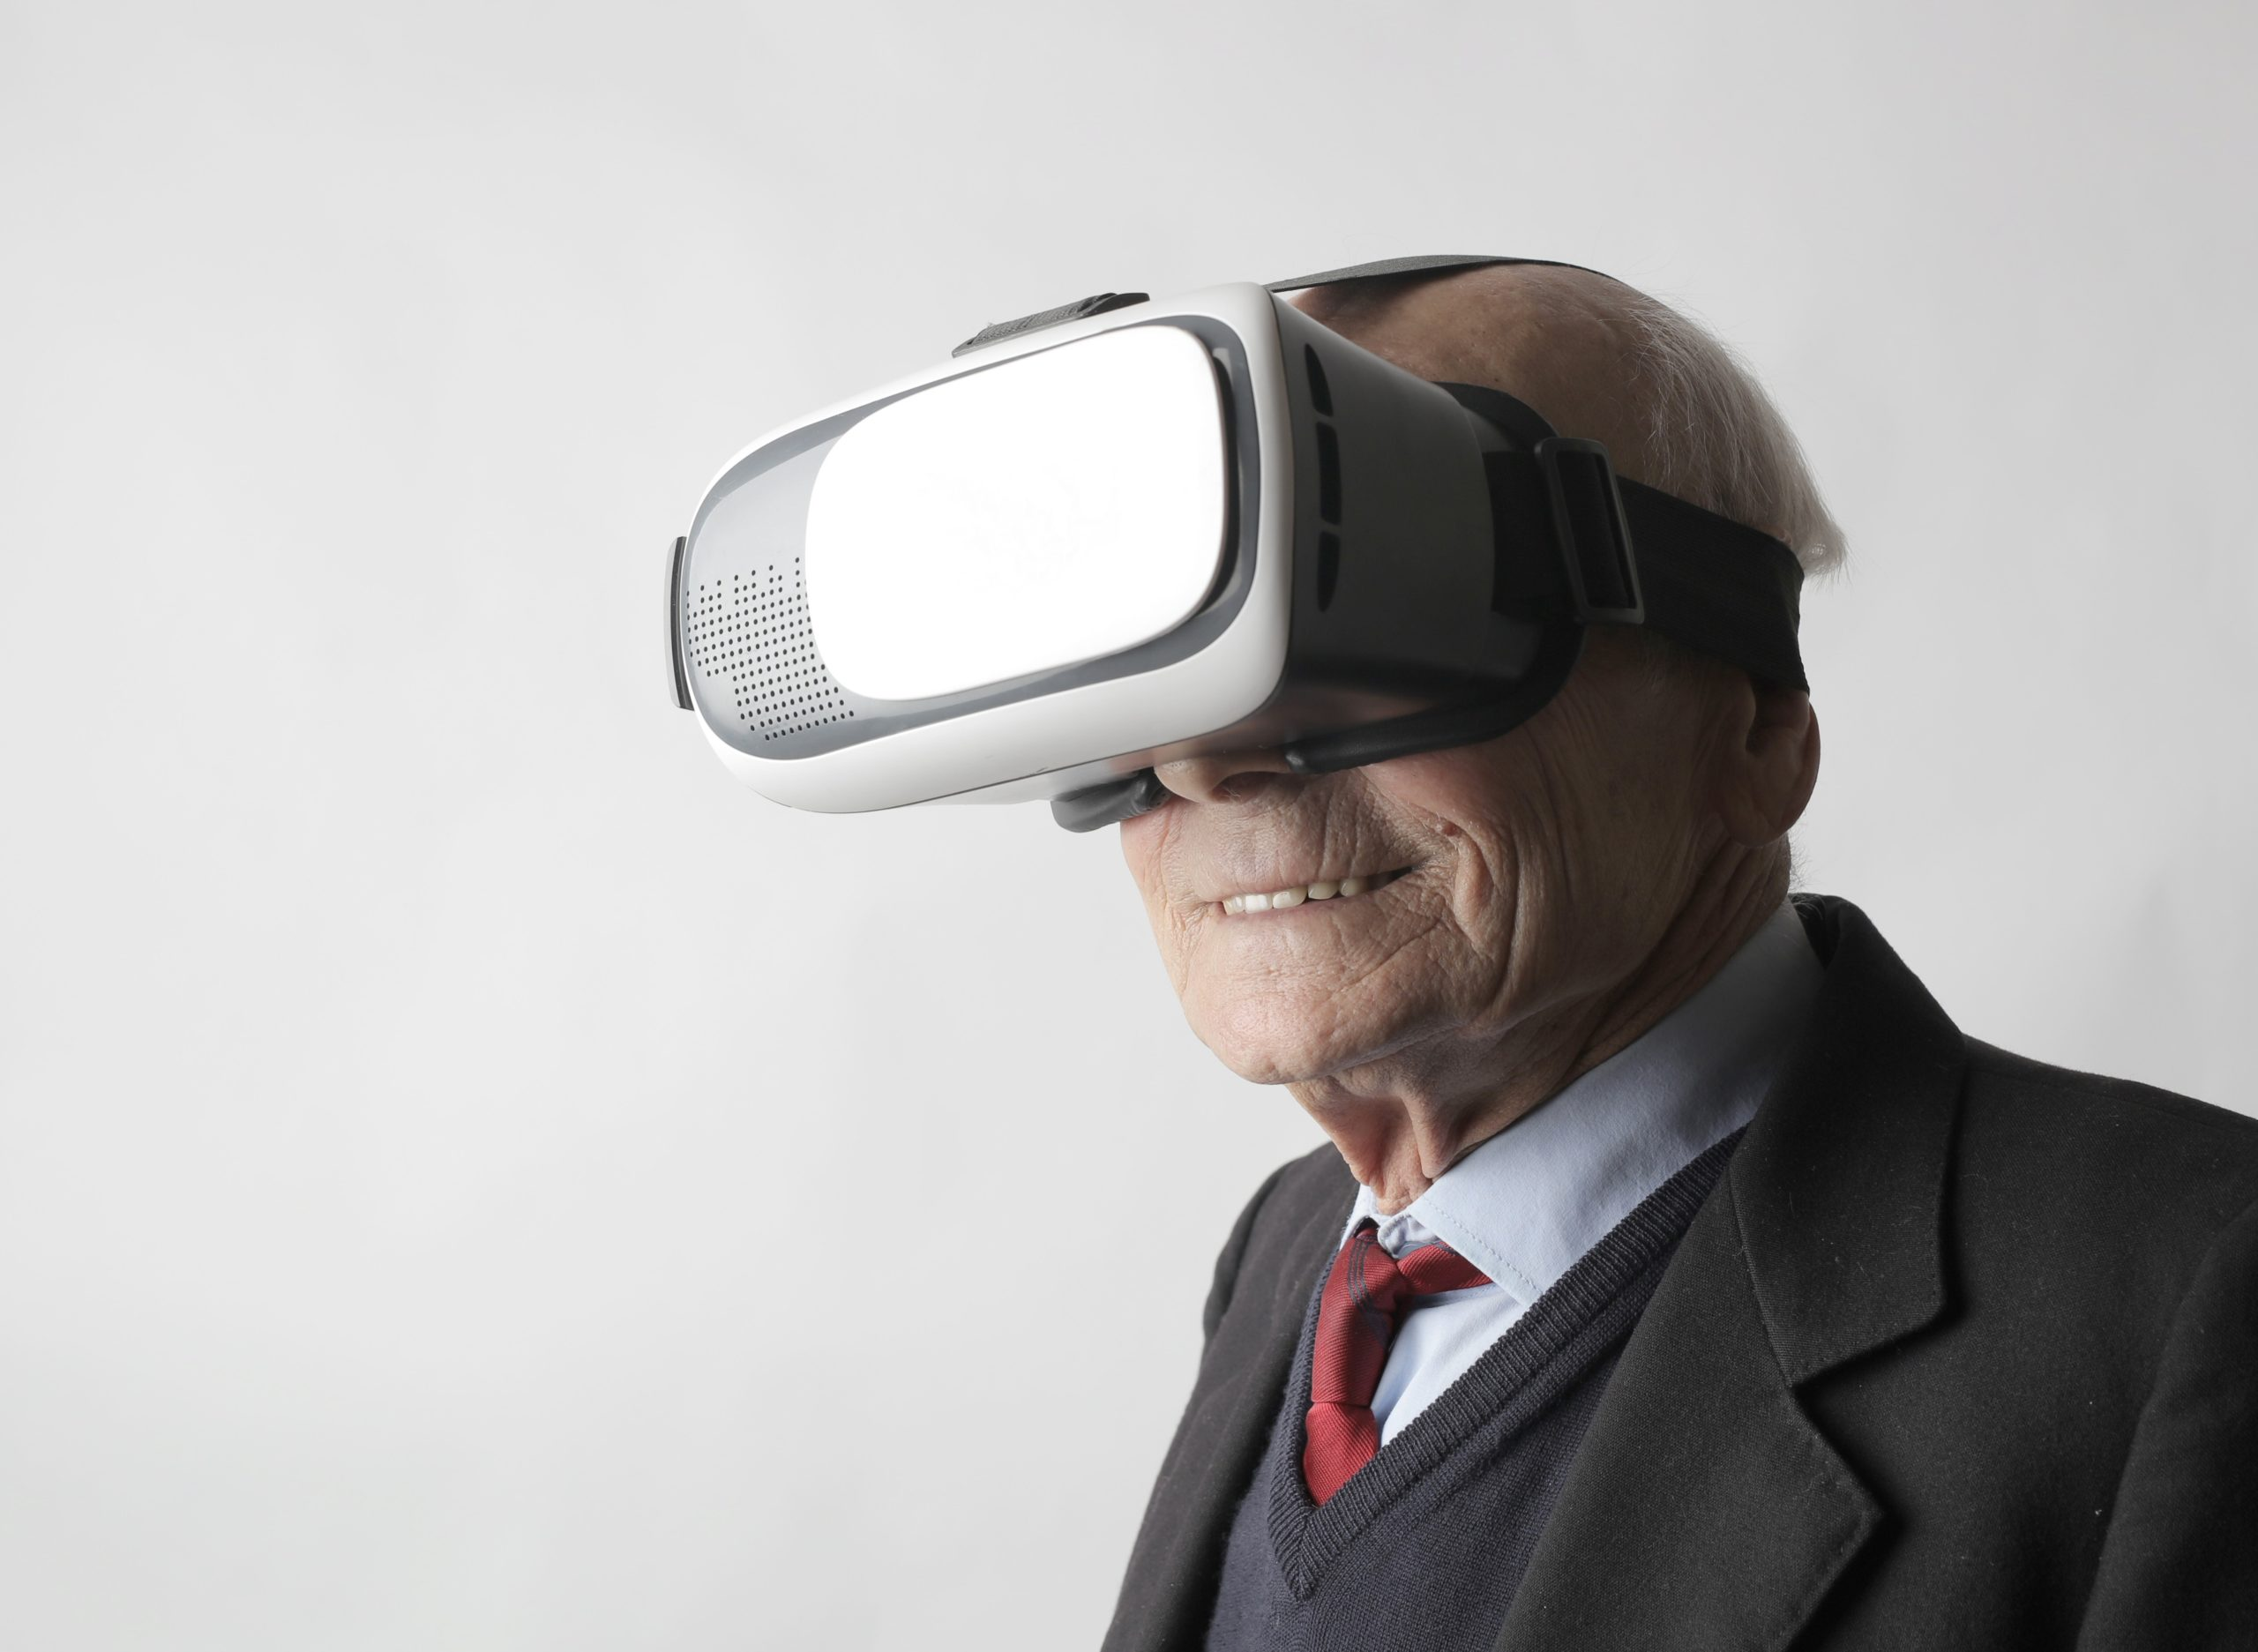 Digital Signage der Zukunft? Werden Displays noch benötigt? Eine spannende Frage!